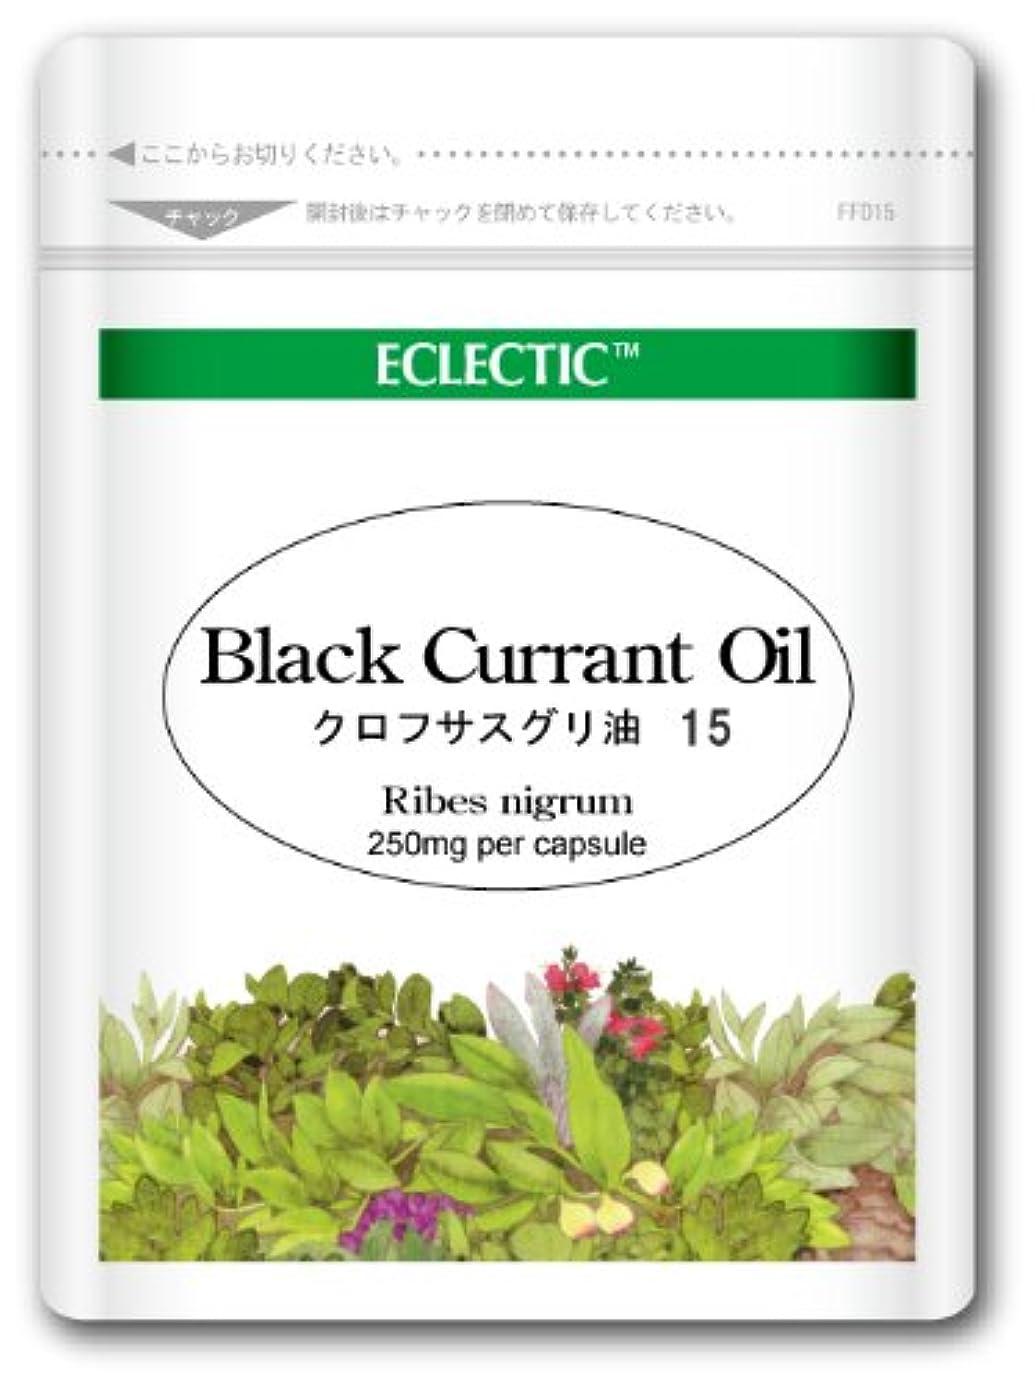 死にかけているスライスリー【クロフサスグリ油 (Black Currant Oil) オイル 250mg 15カプセル Ecoパック / エクレクティック】